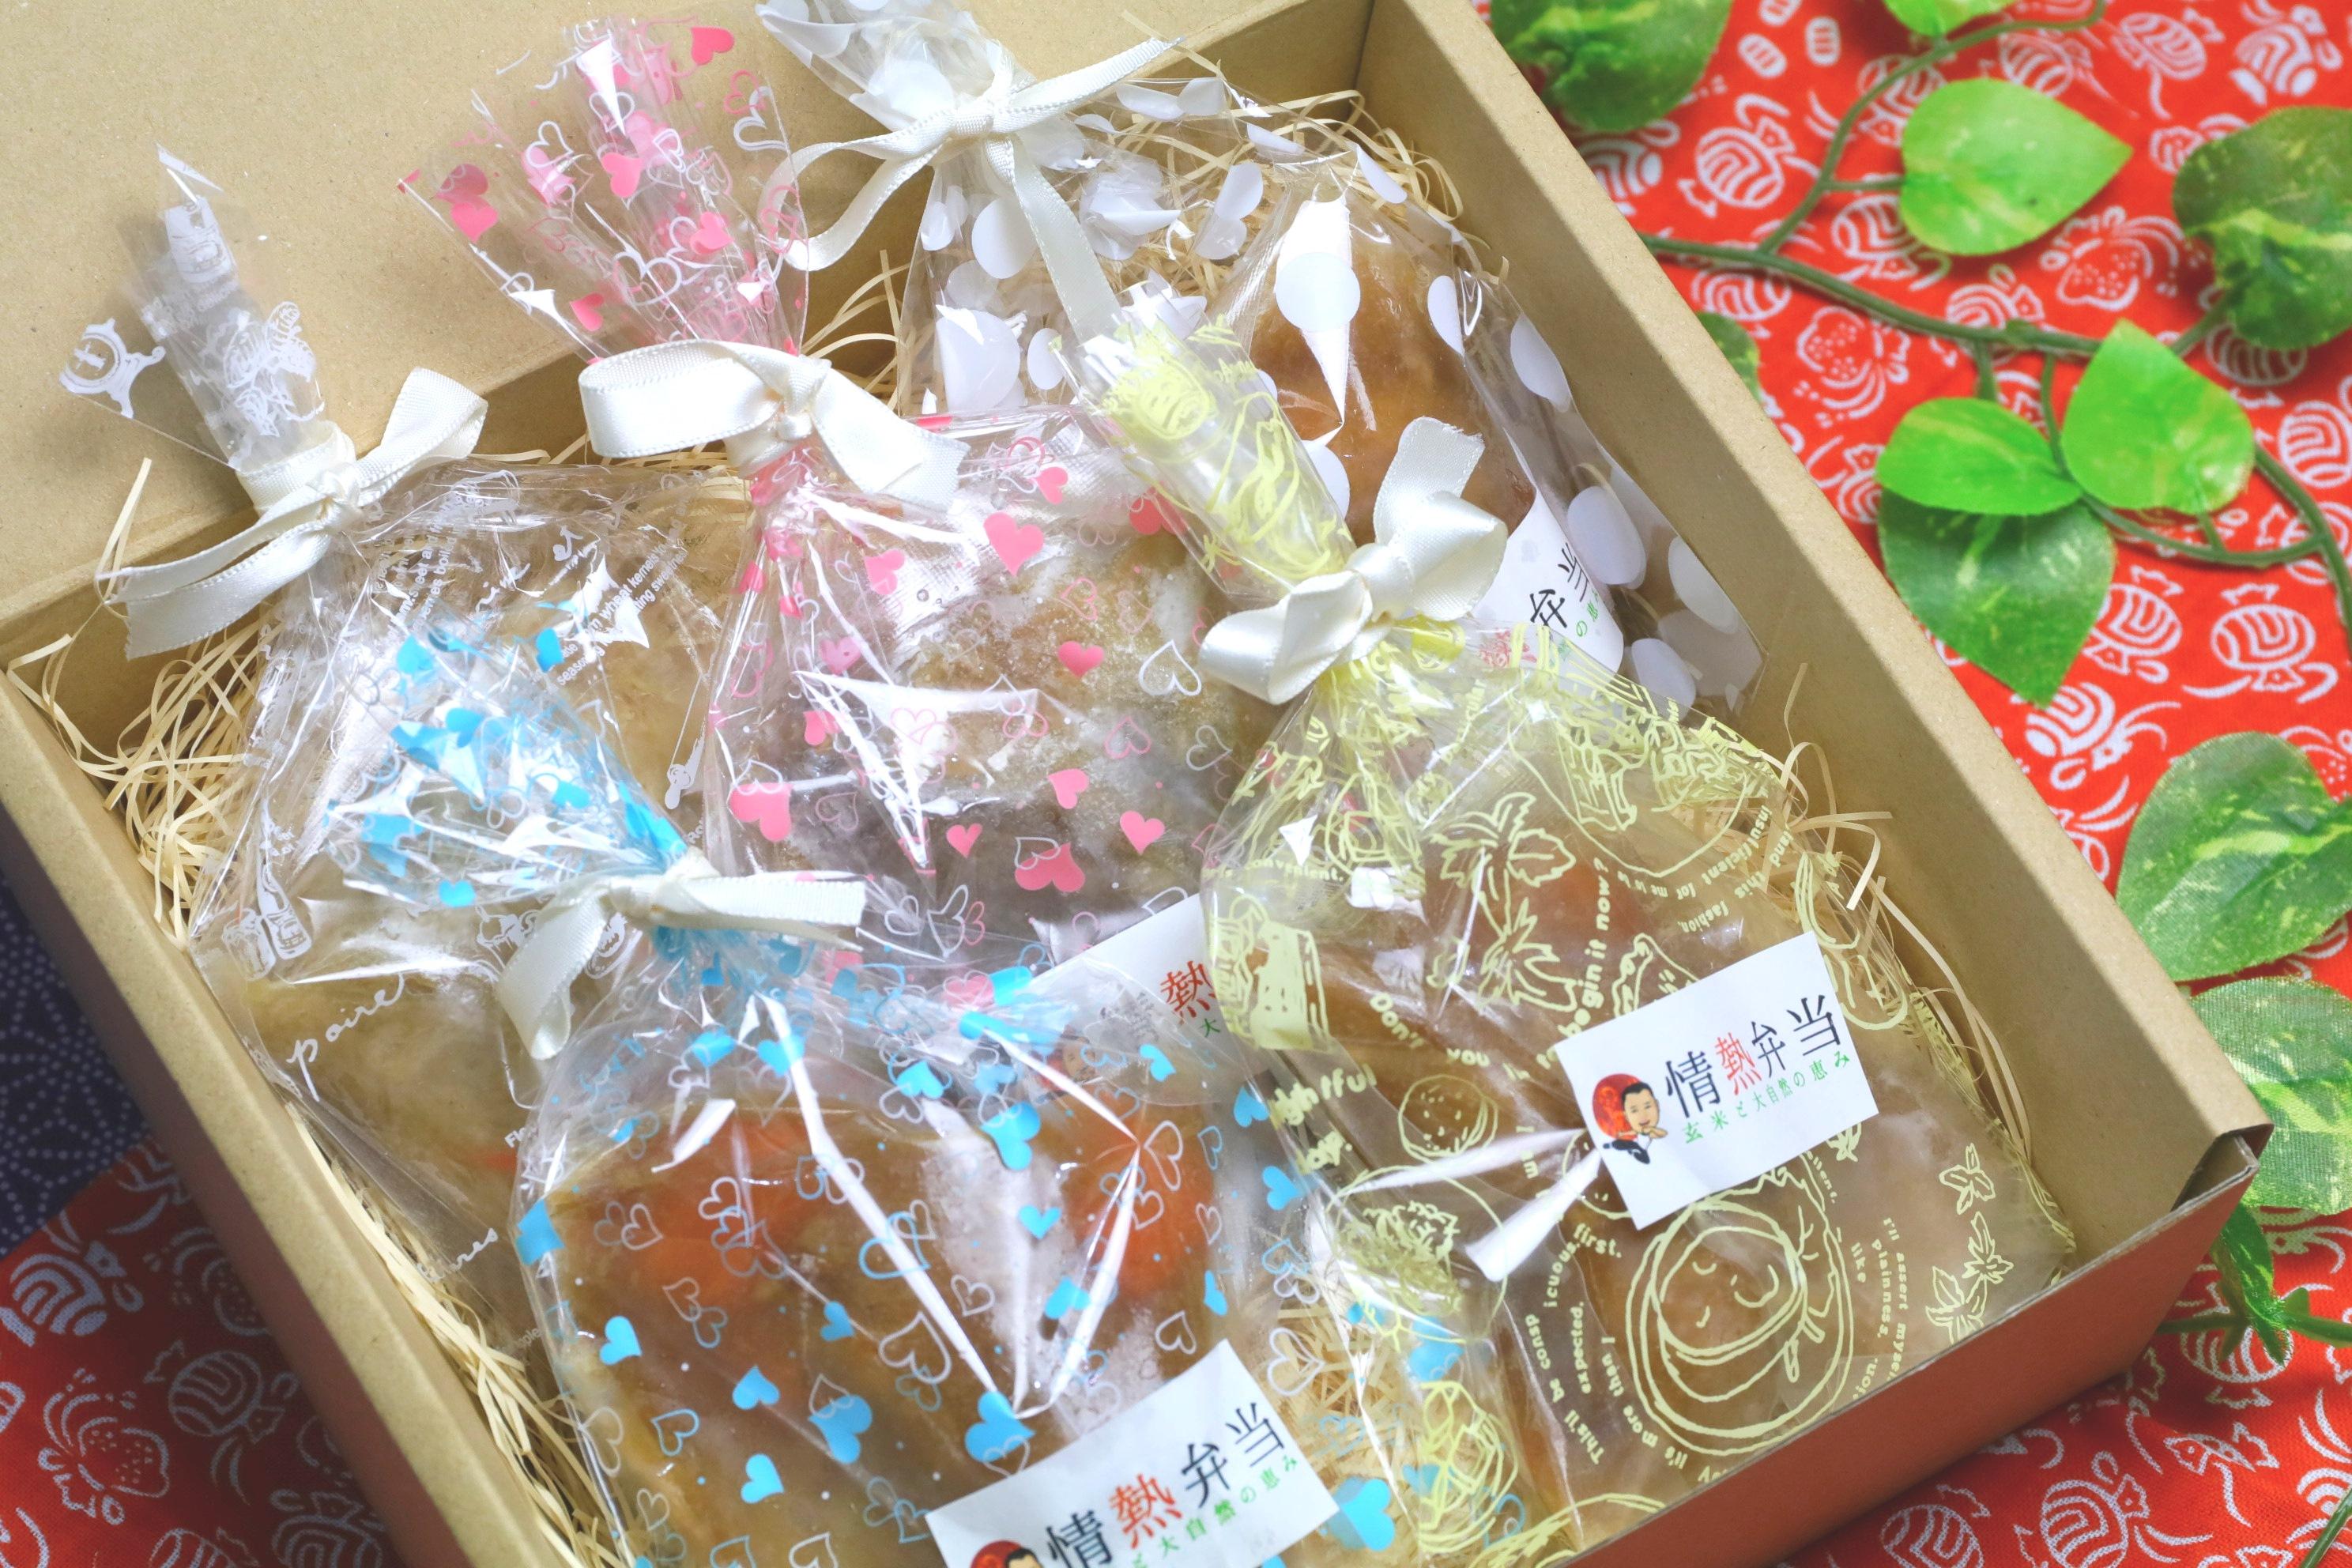 【送料込み】冷凍惣菜ヘルシーギフトセット